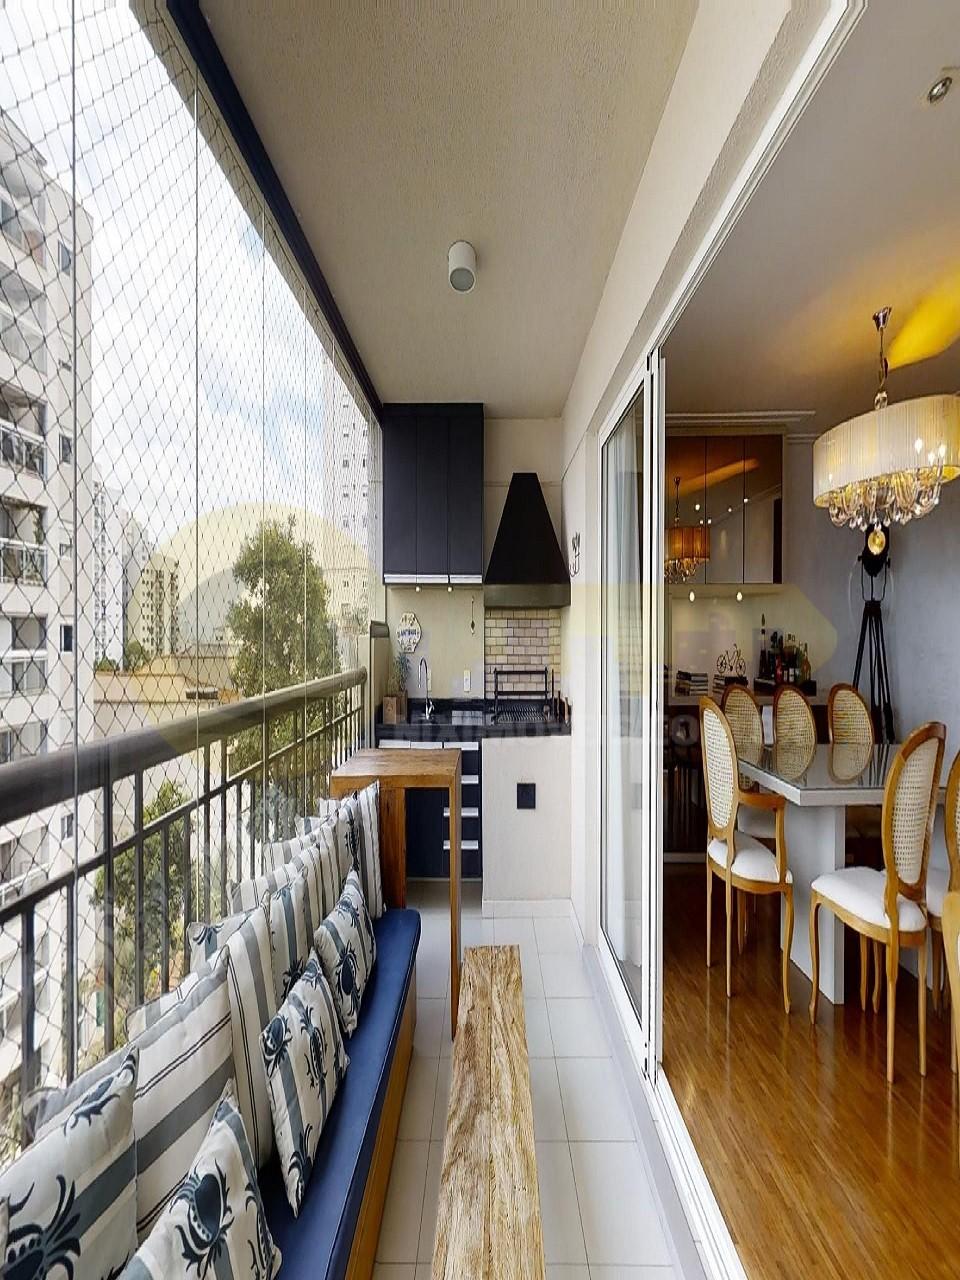 Apartamento Alto de Pinheiros Venda salas integradas, terraço gourmet vista privilegiada. 3 suítes. 3 vagas. Condomínio seguro com piscina aquecida!